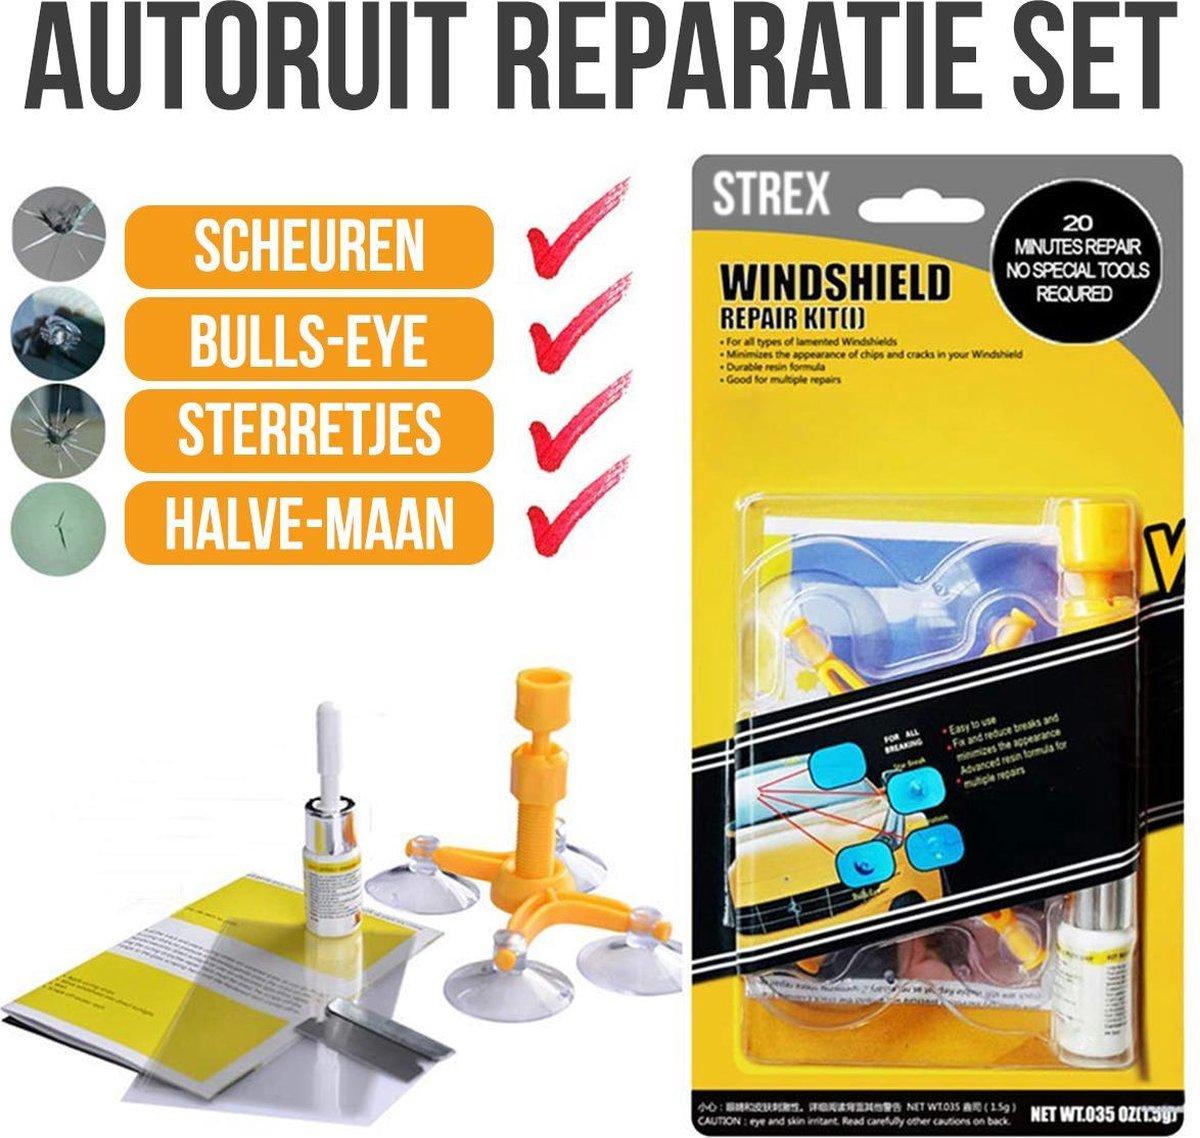 Autoruit reparatie set | Zelf Je Autoruit Repareren | Barst In Ruit Maken | Sterretje In Ruit Repare